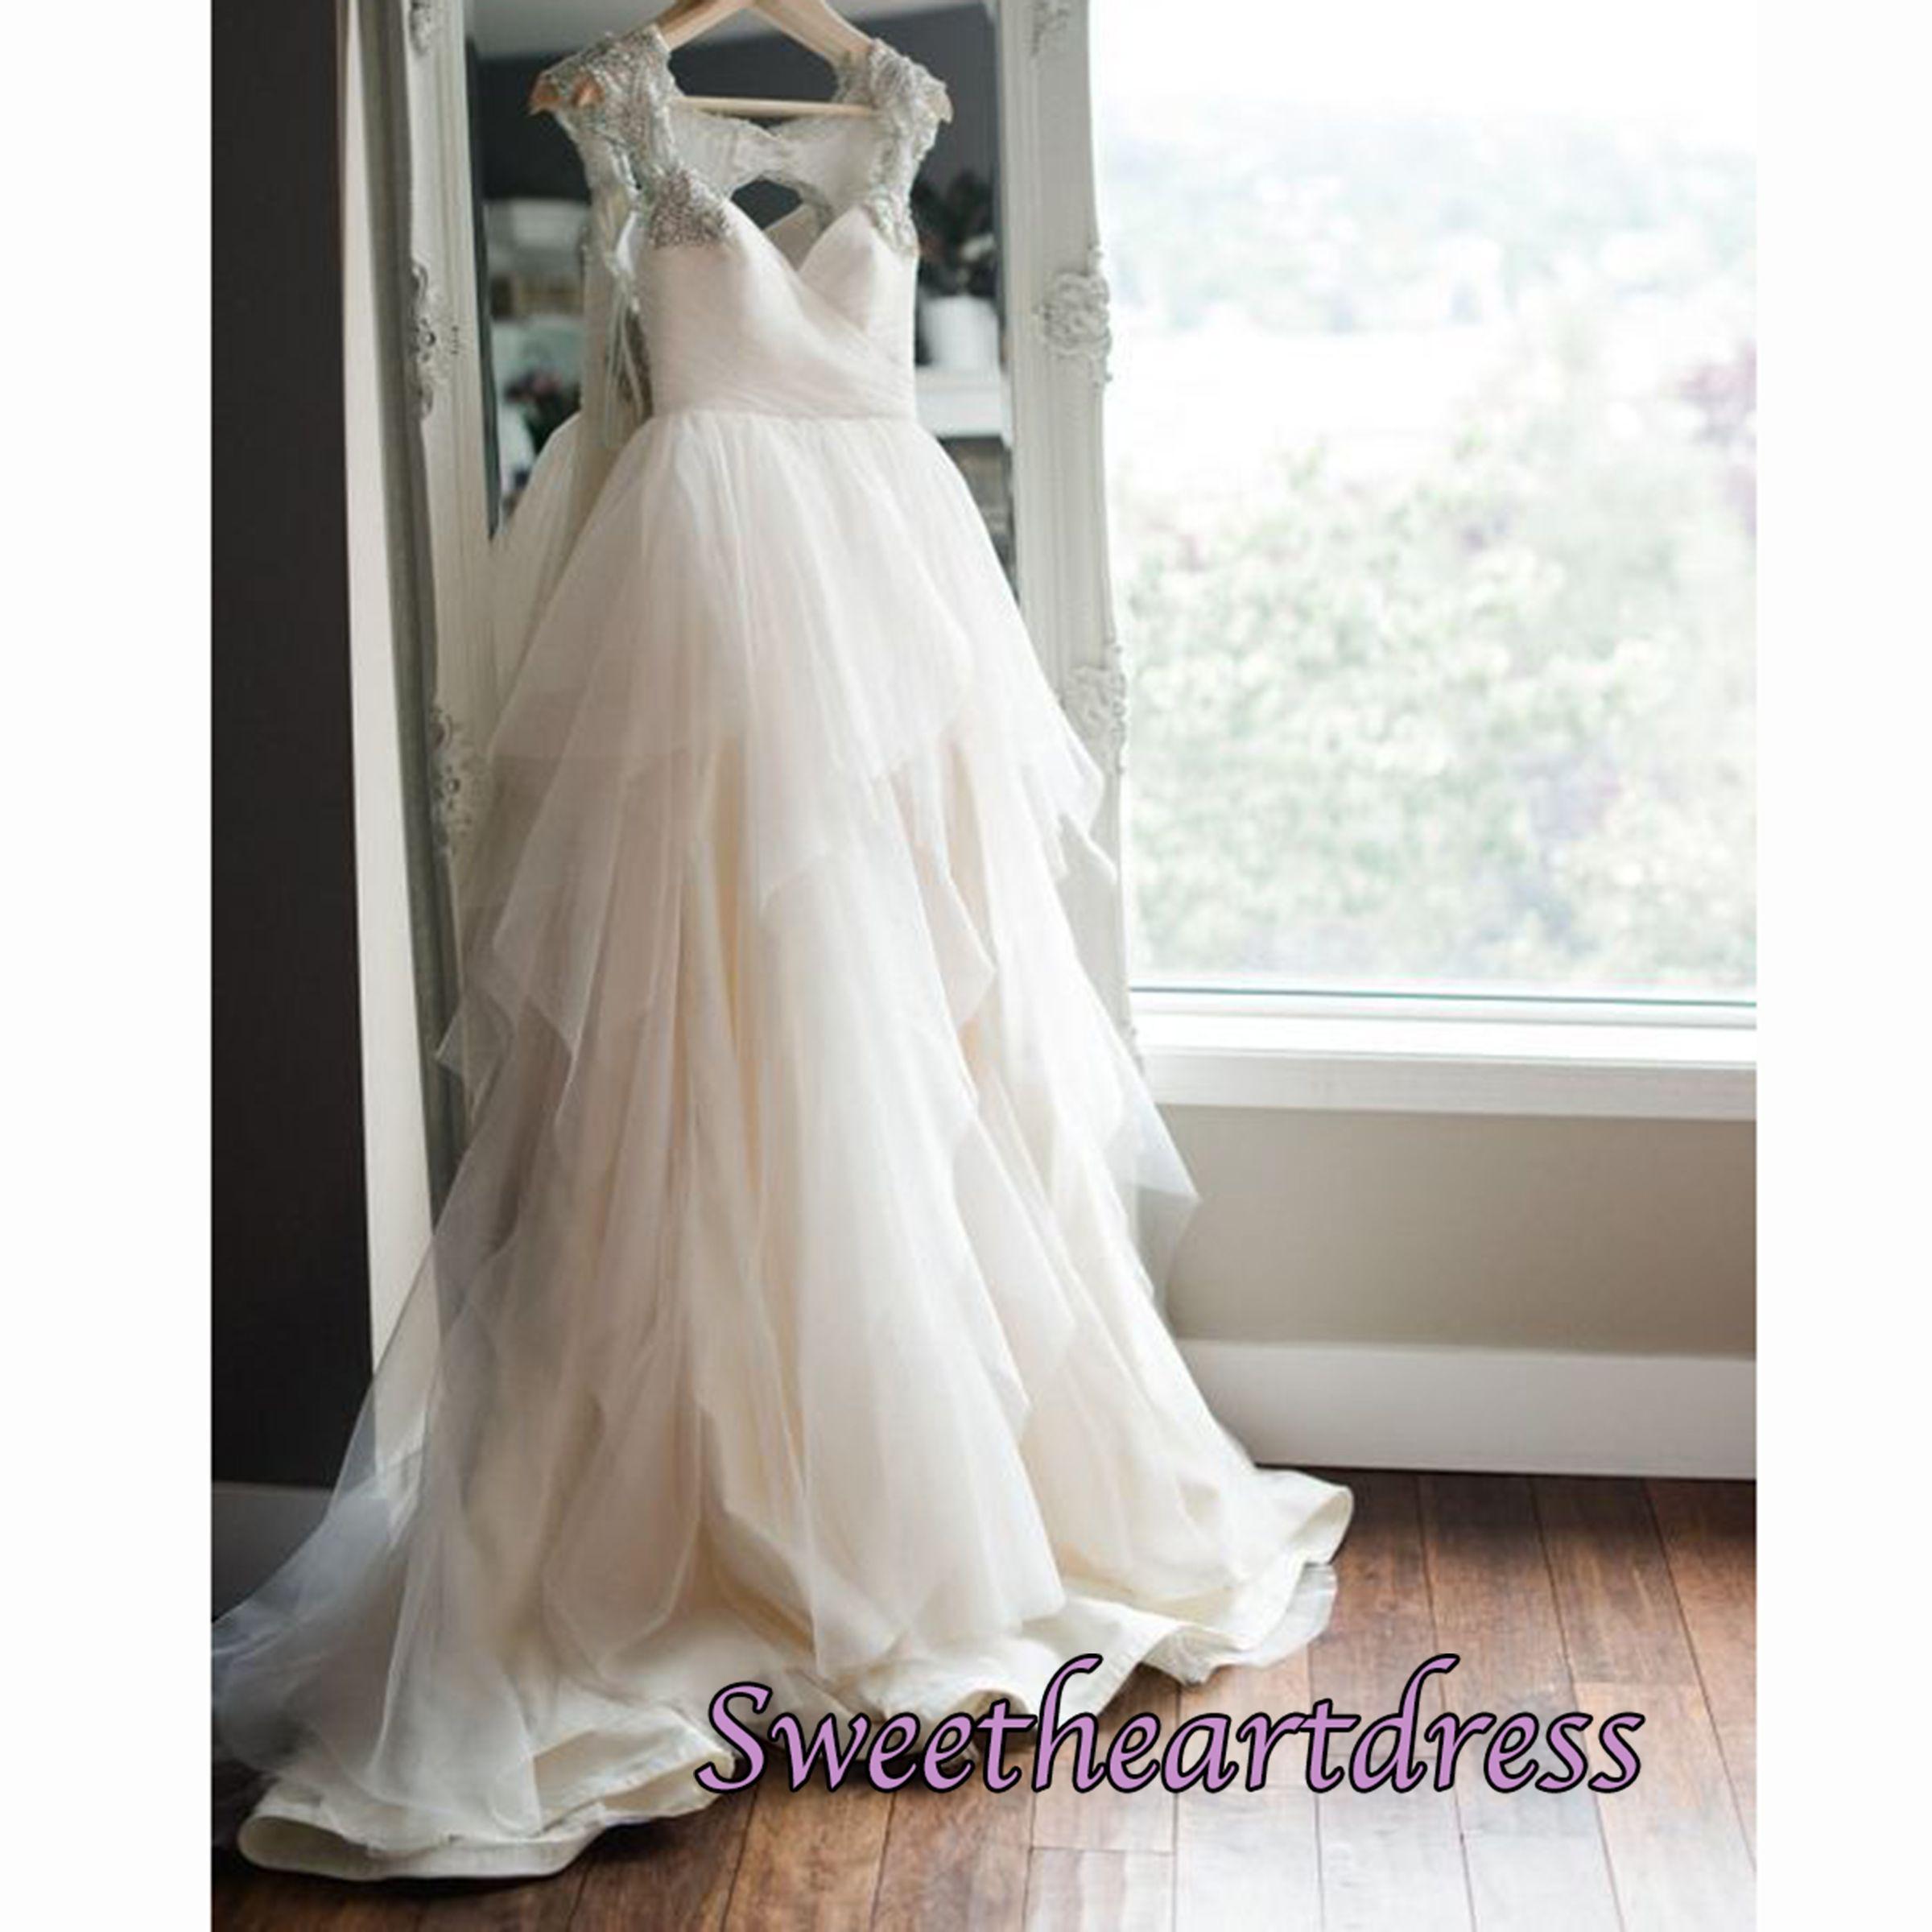 Summer Dresses For Weddings Canada Pemerintah Kota Ambon,Wedding Guest Dresses Fall 2020